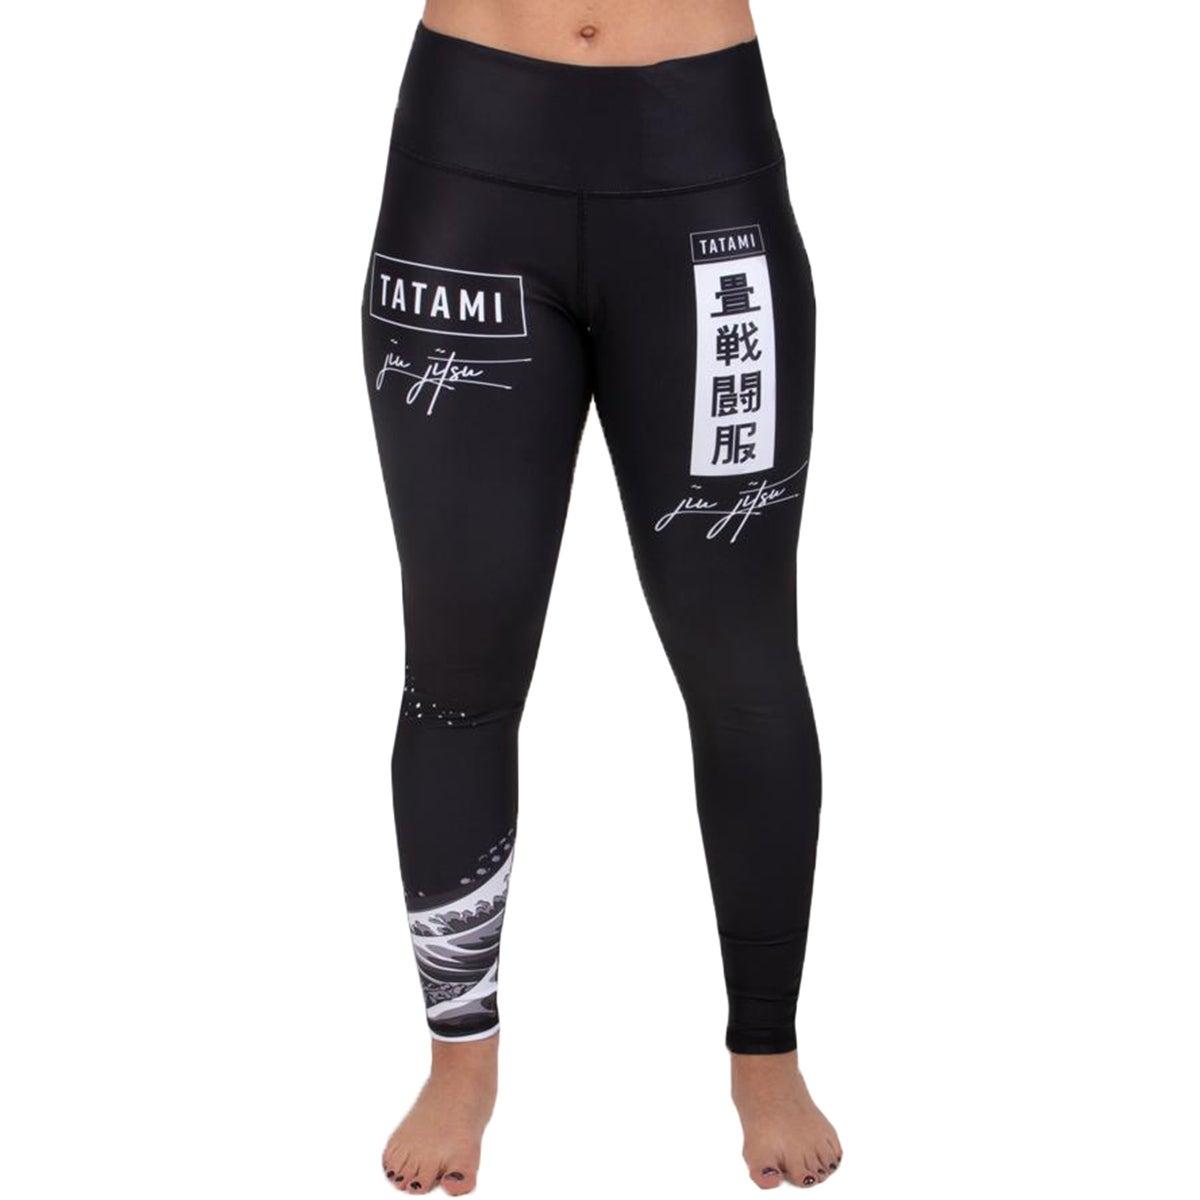 Black Tatami Fightwear Black Minimal Sports Bra